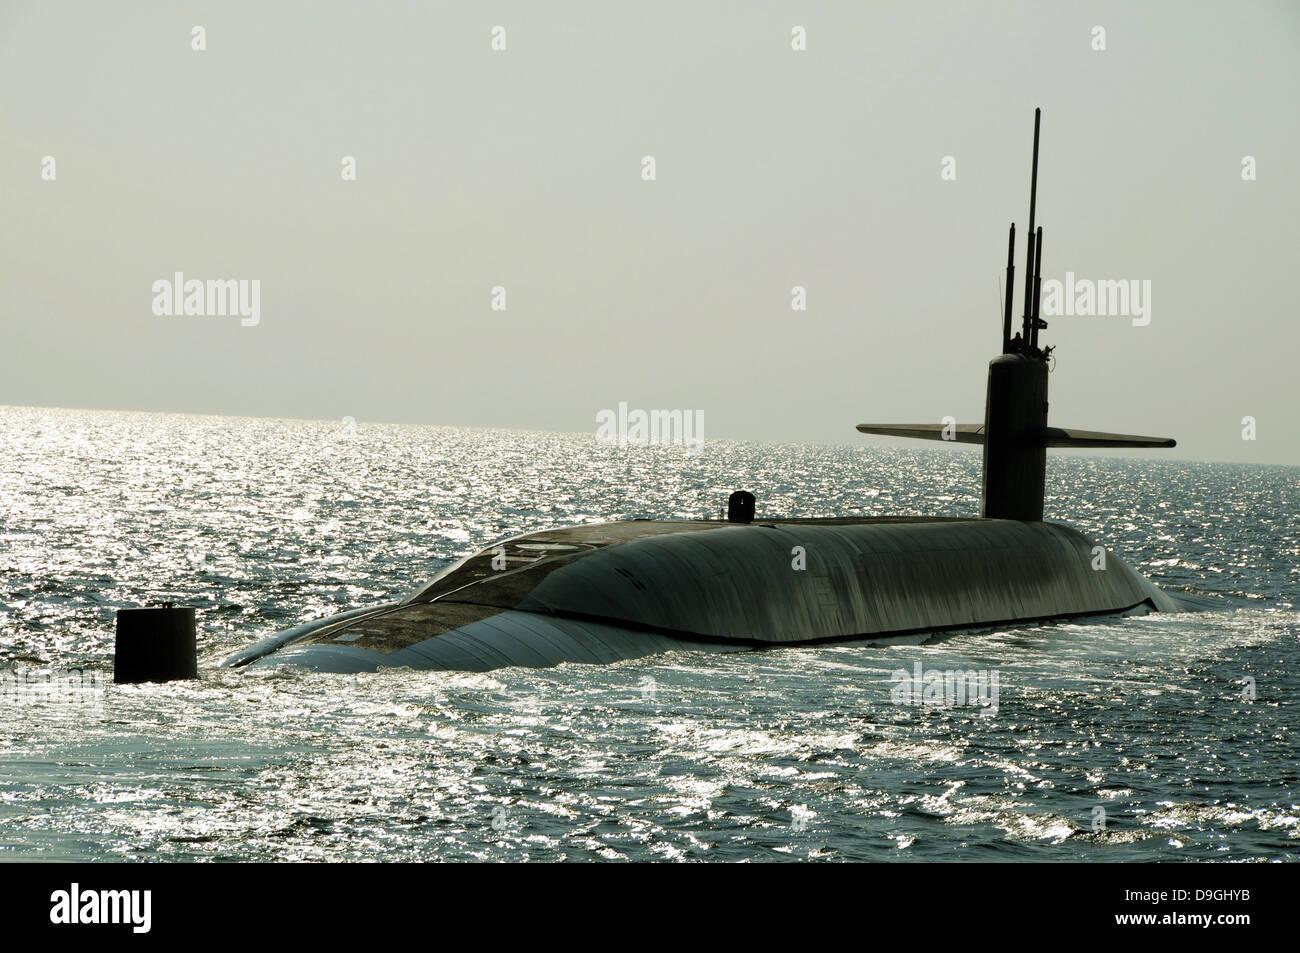 The ballistic missile submarine USS Maryland. - Stock Image